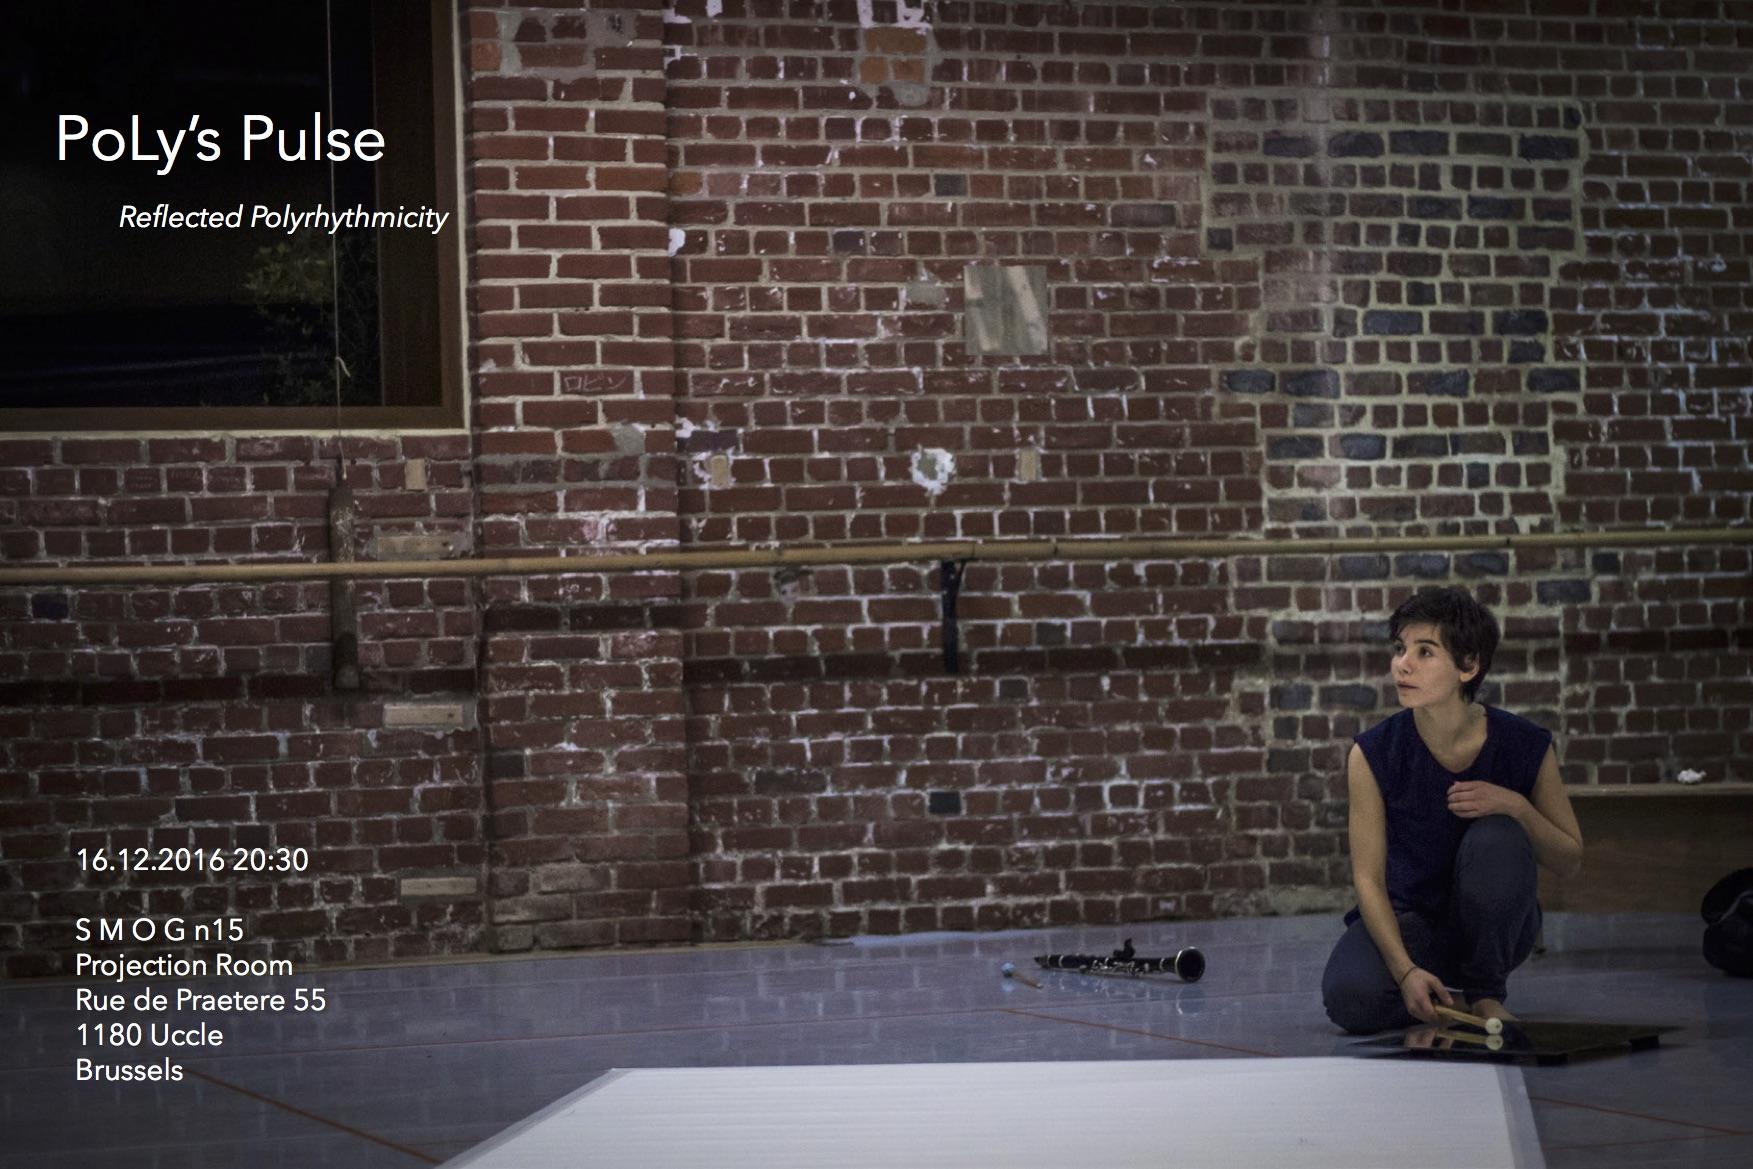 PoLy' Pulse © Lola Drubigny